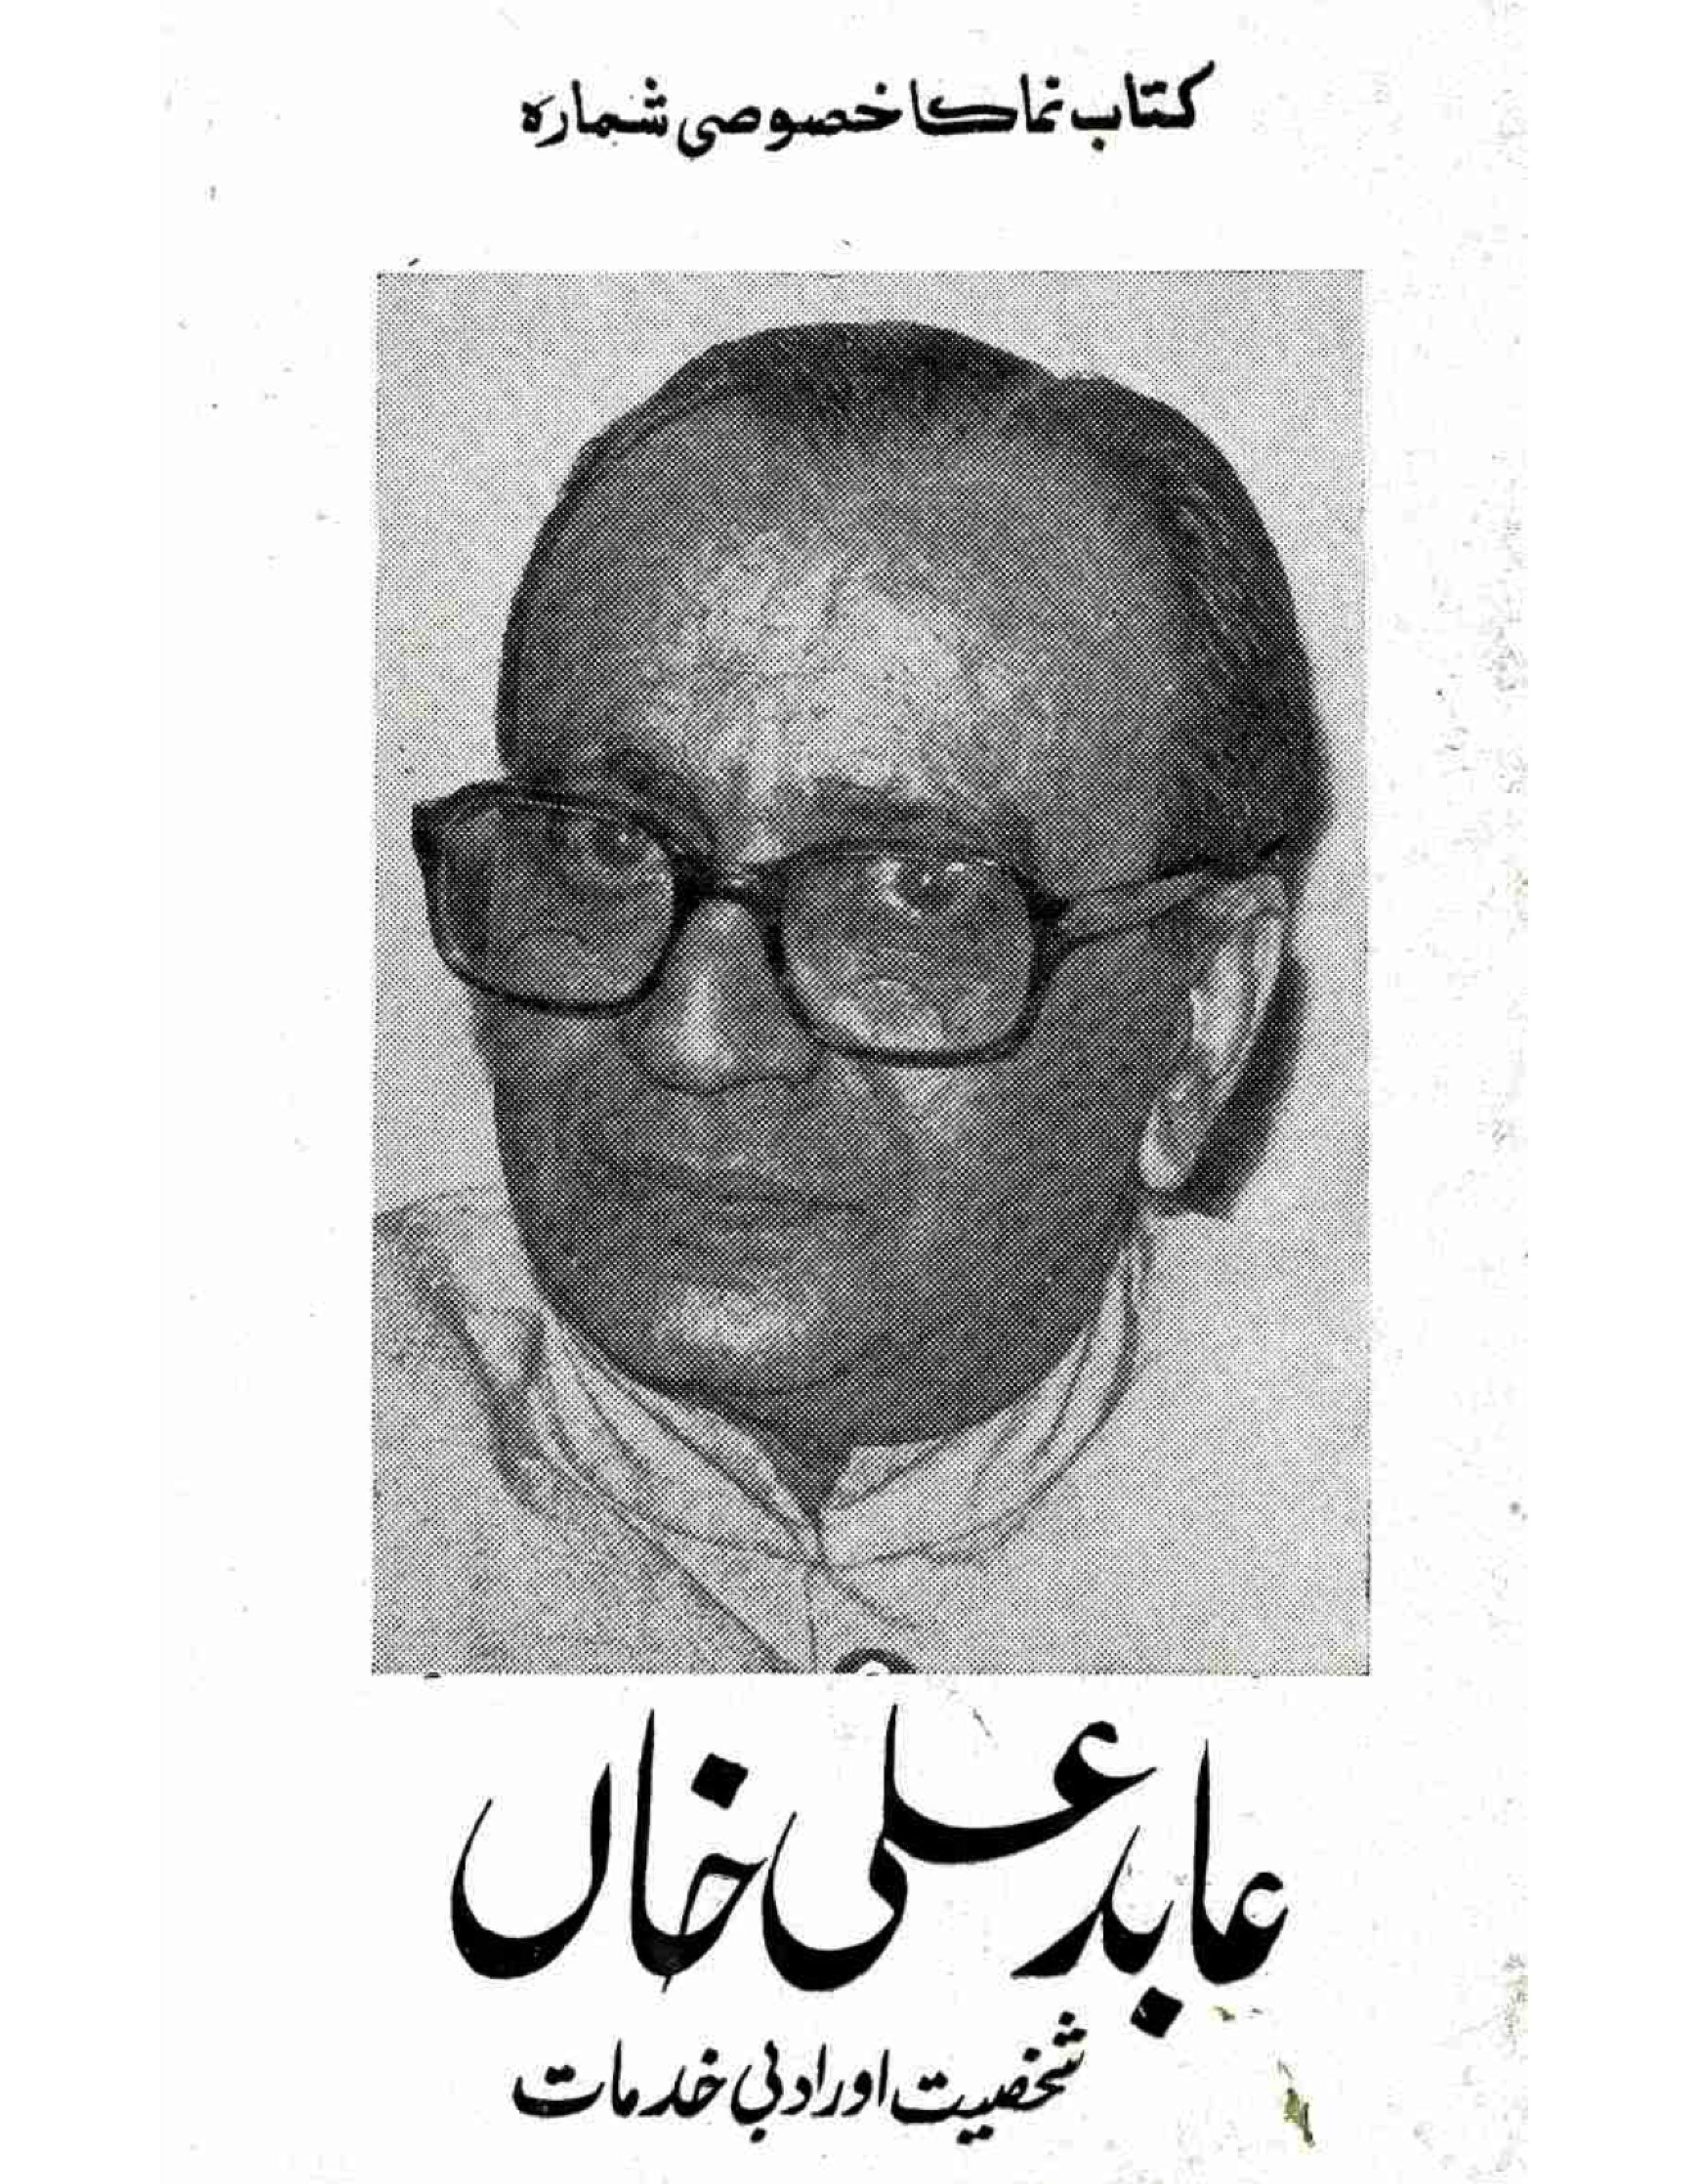 Abid Ali khan : Shakhsiyat Aur Adabi Khidmat